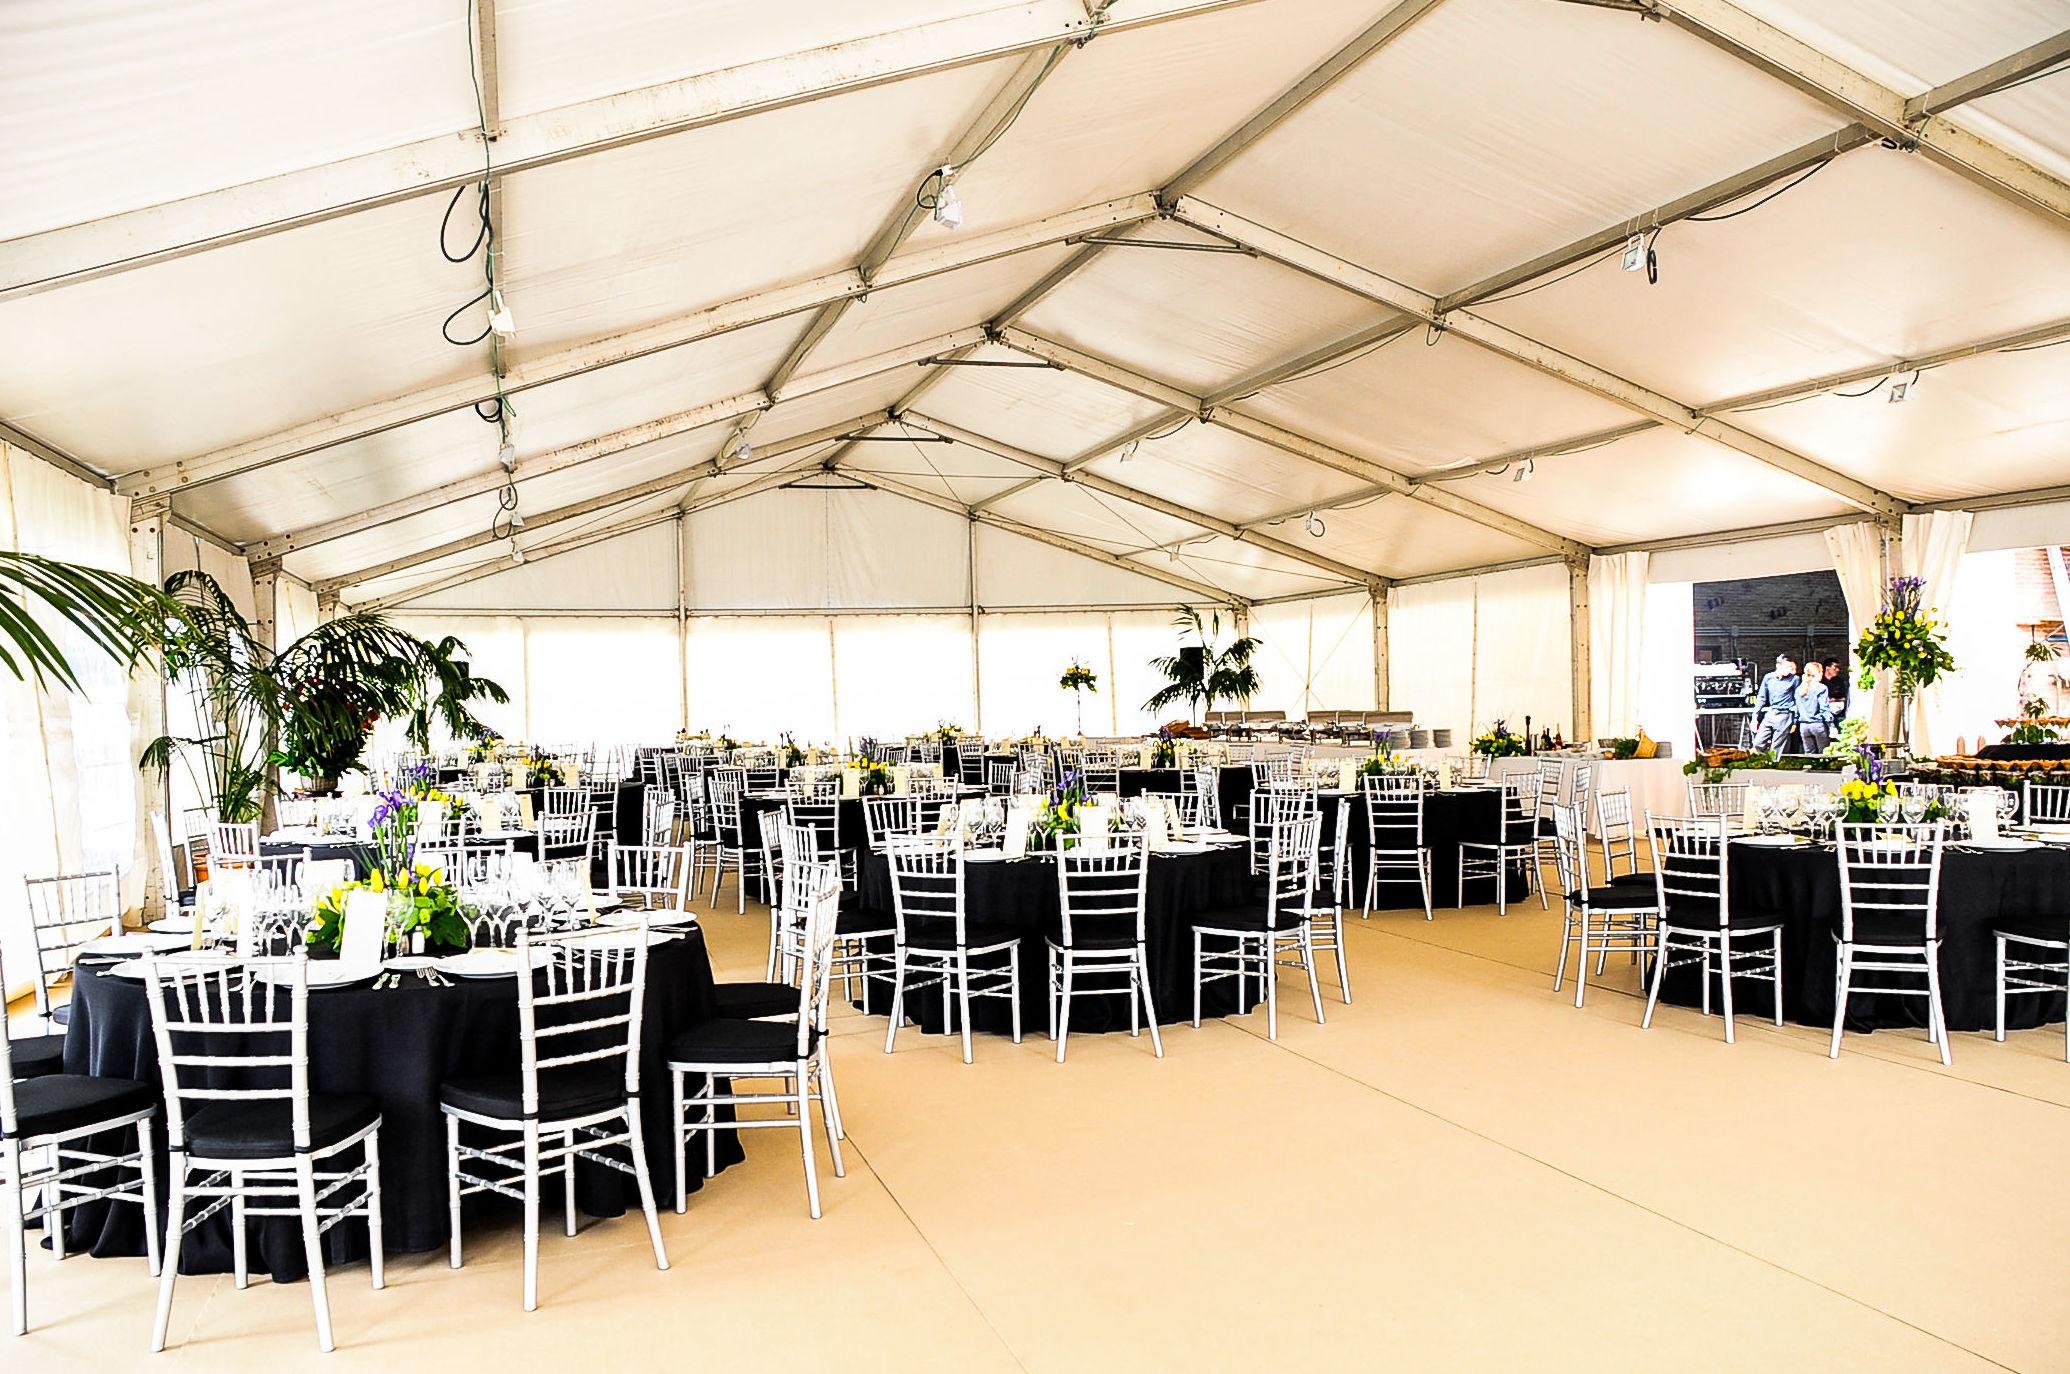 Empresa especializada en el alquiler de carpas, mesas, sillas, cuberterías... para eventos